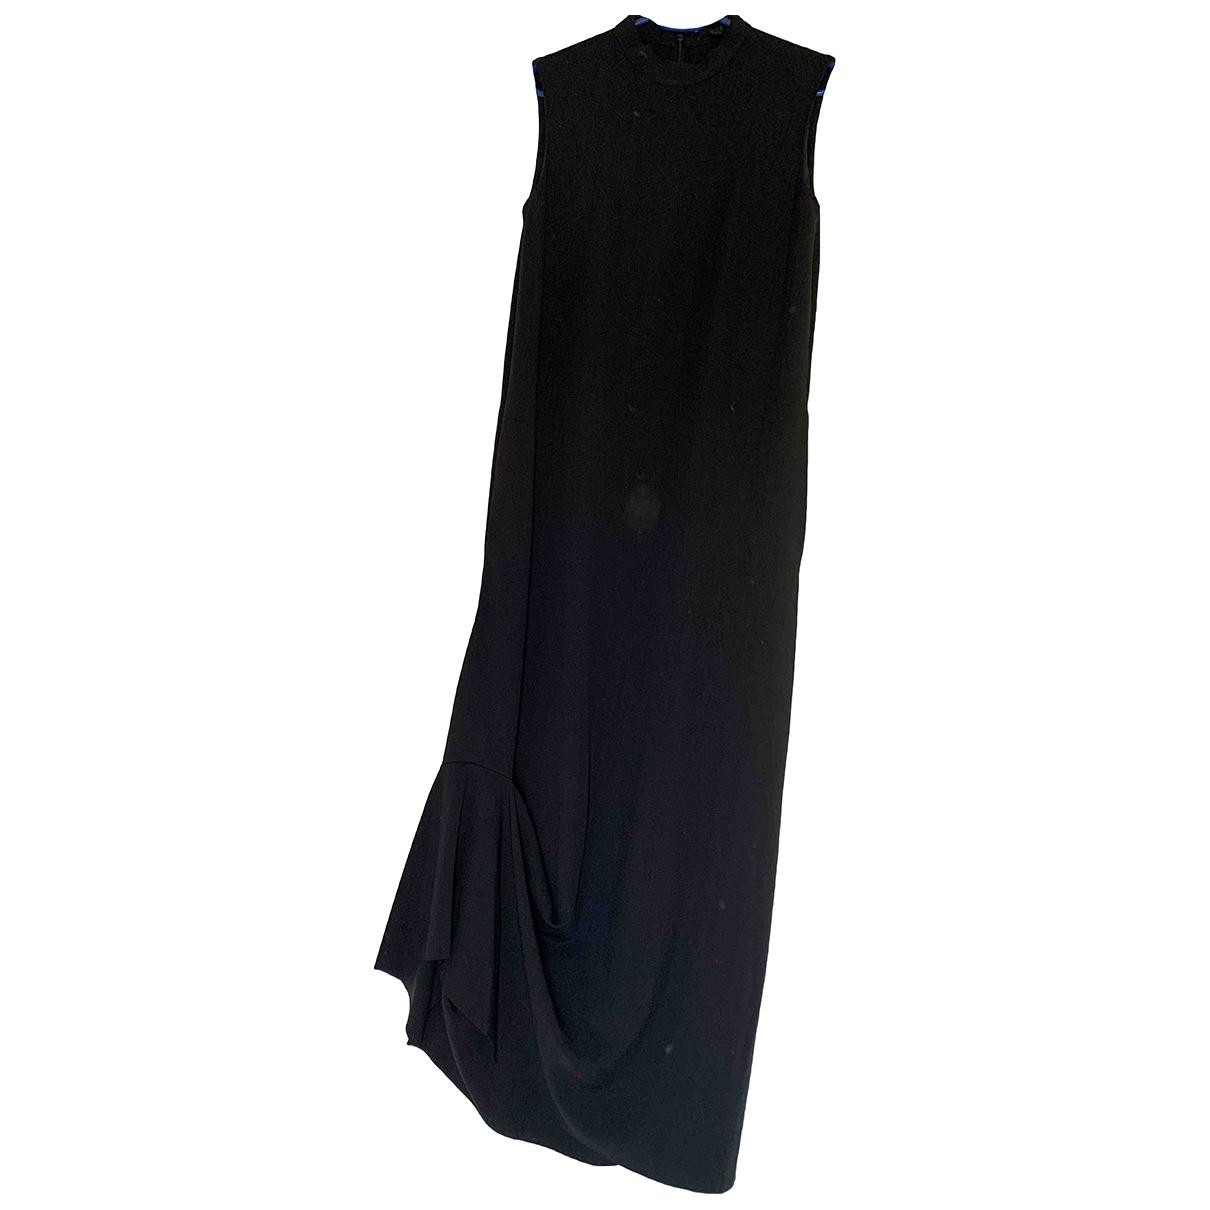 Cos \N Kleid in  Schwarz Synthetik